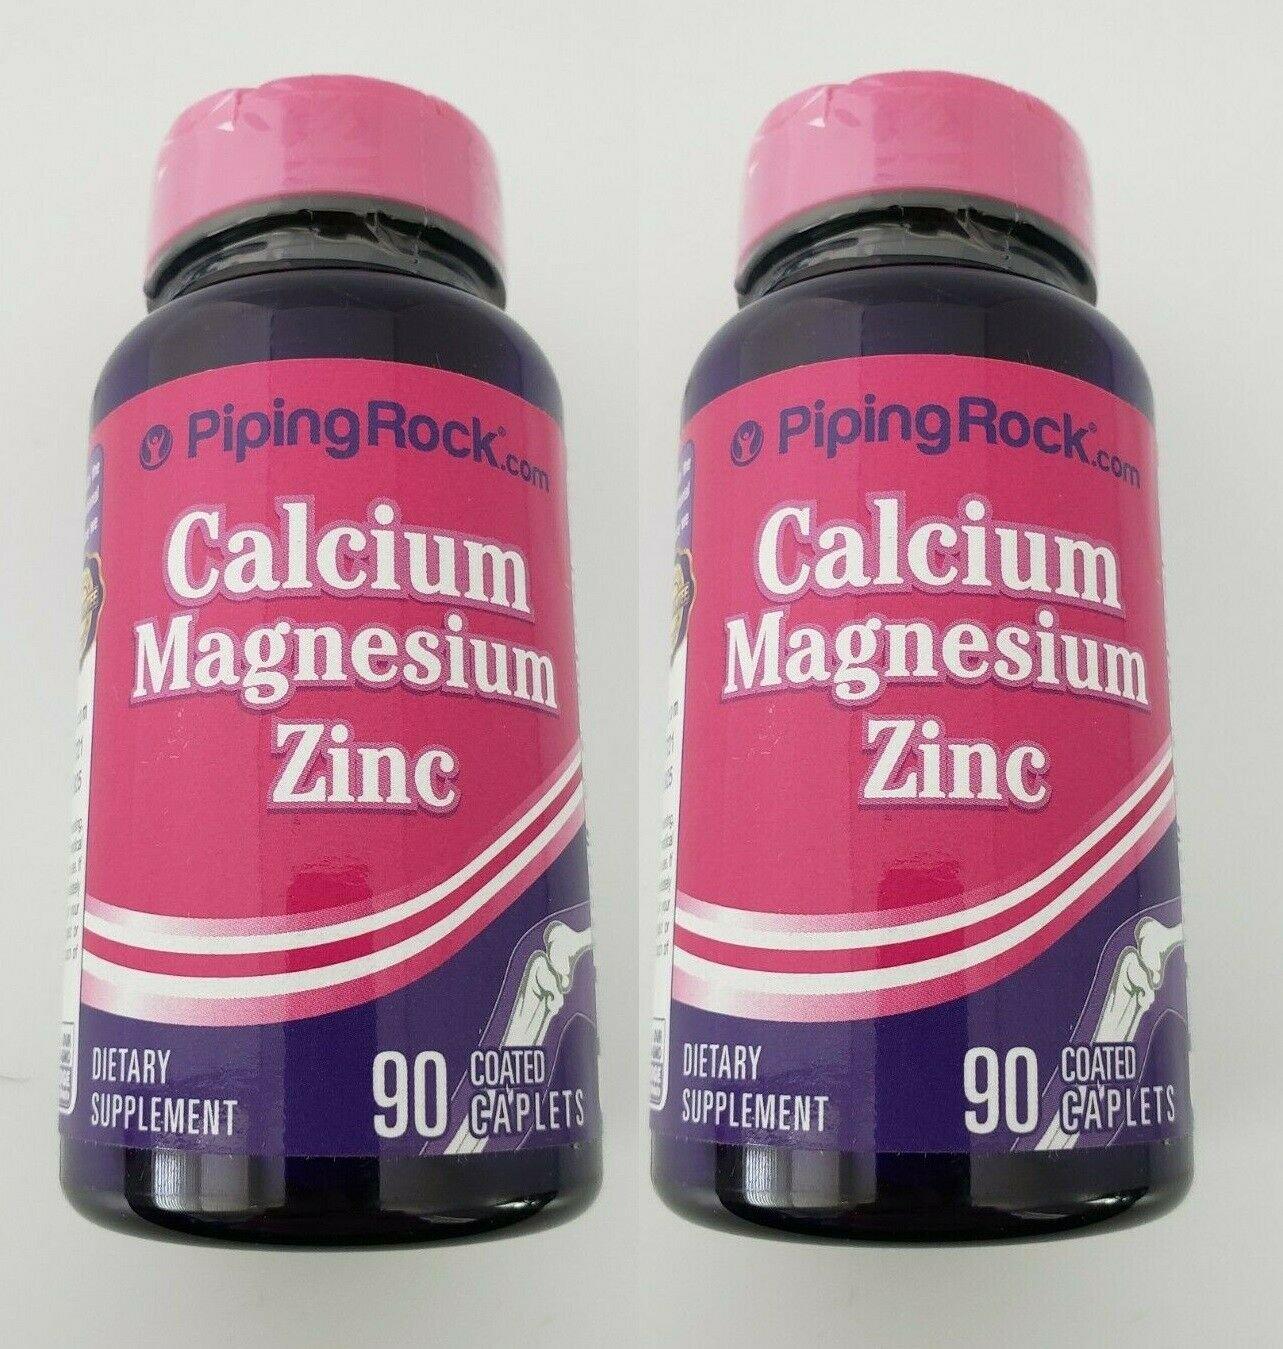 Piping Rock Calcium Magnesium Zinc (per serving) 180 Coated Caplets (2x90)